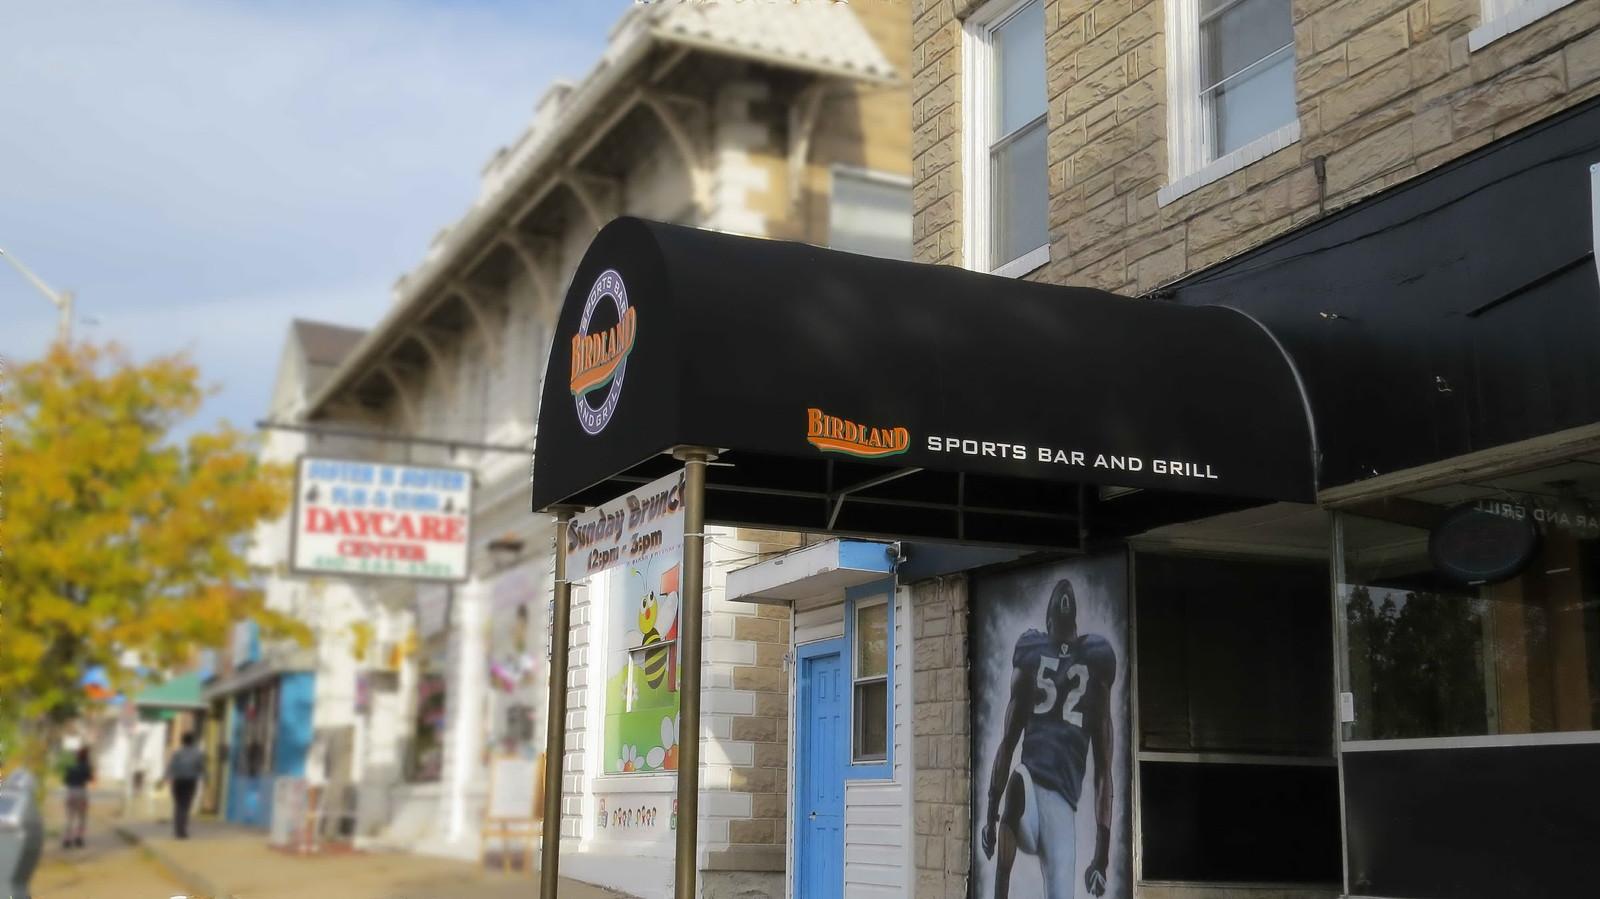 Birdland Sportsbar Awning-Hoffman Awning Baltimore